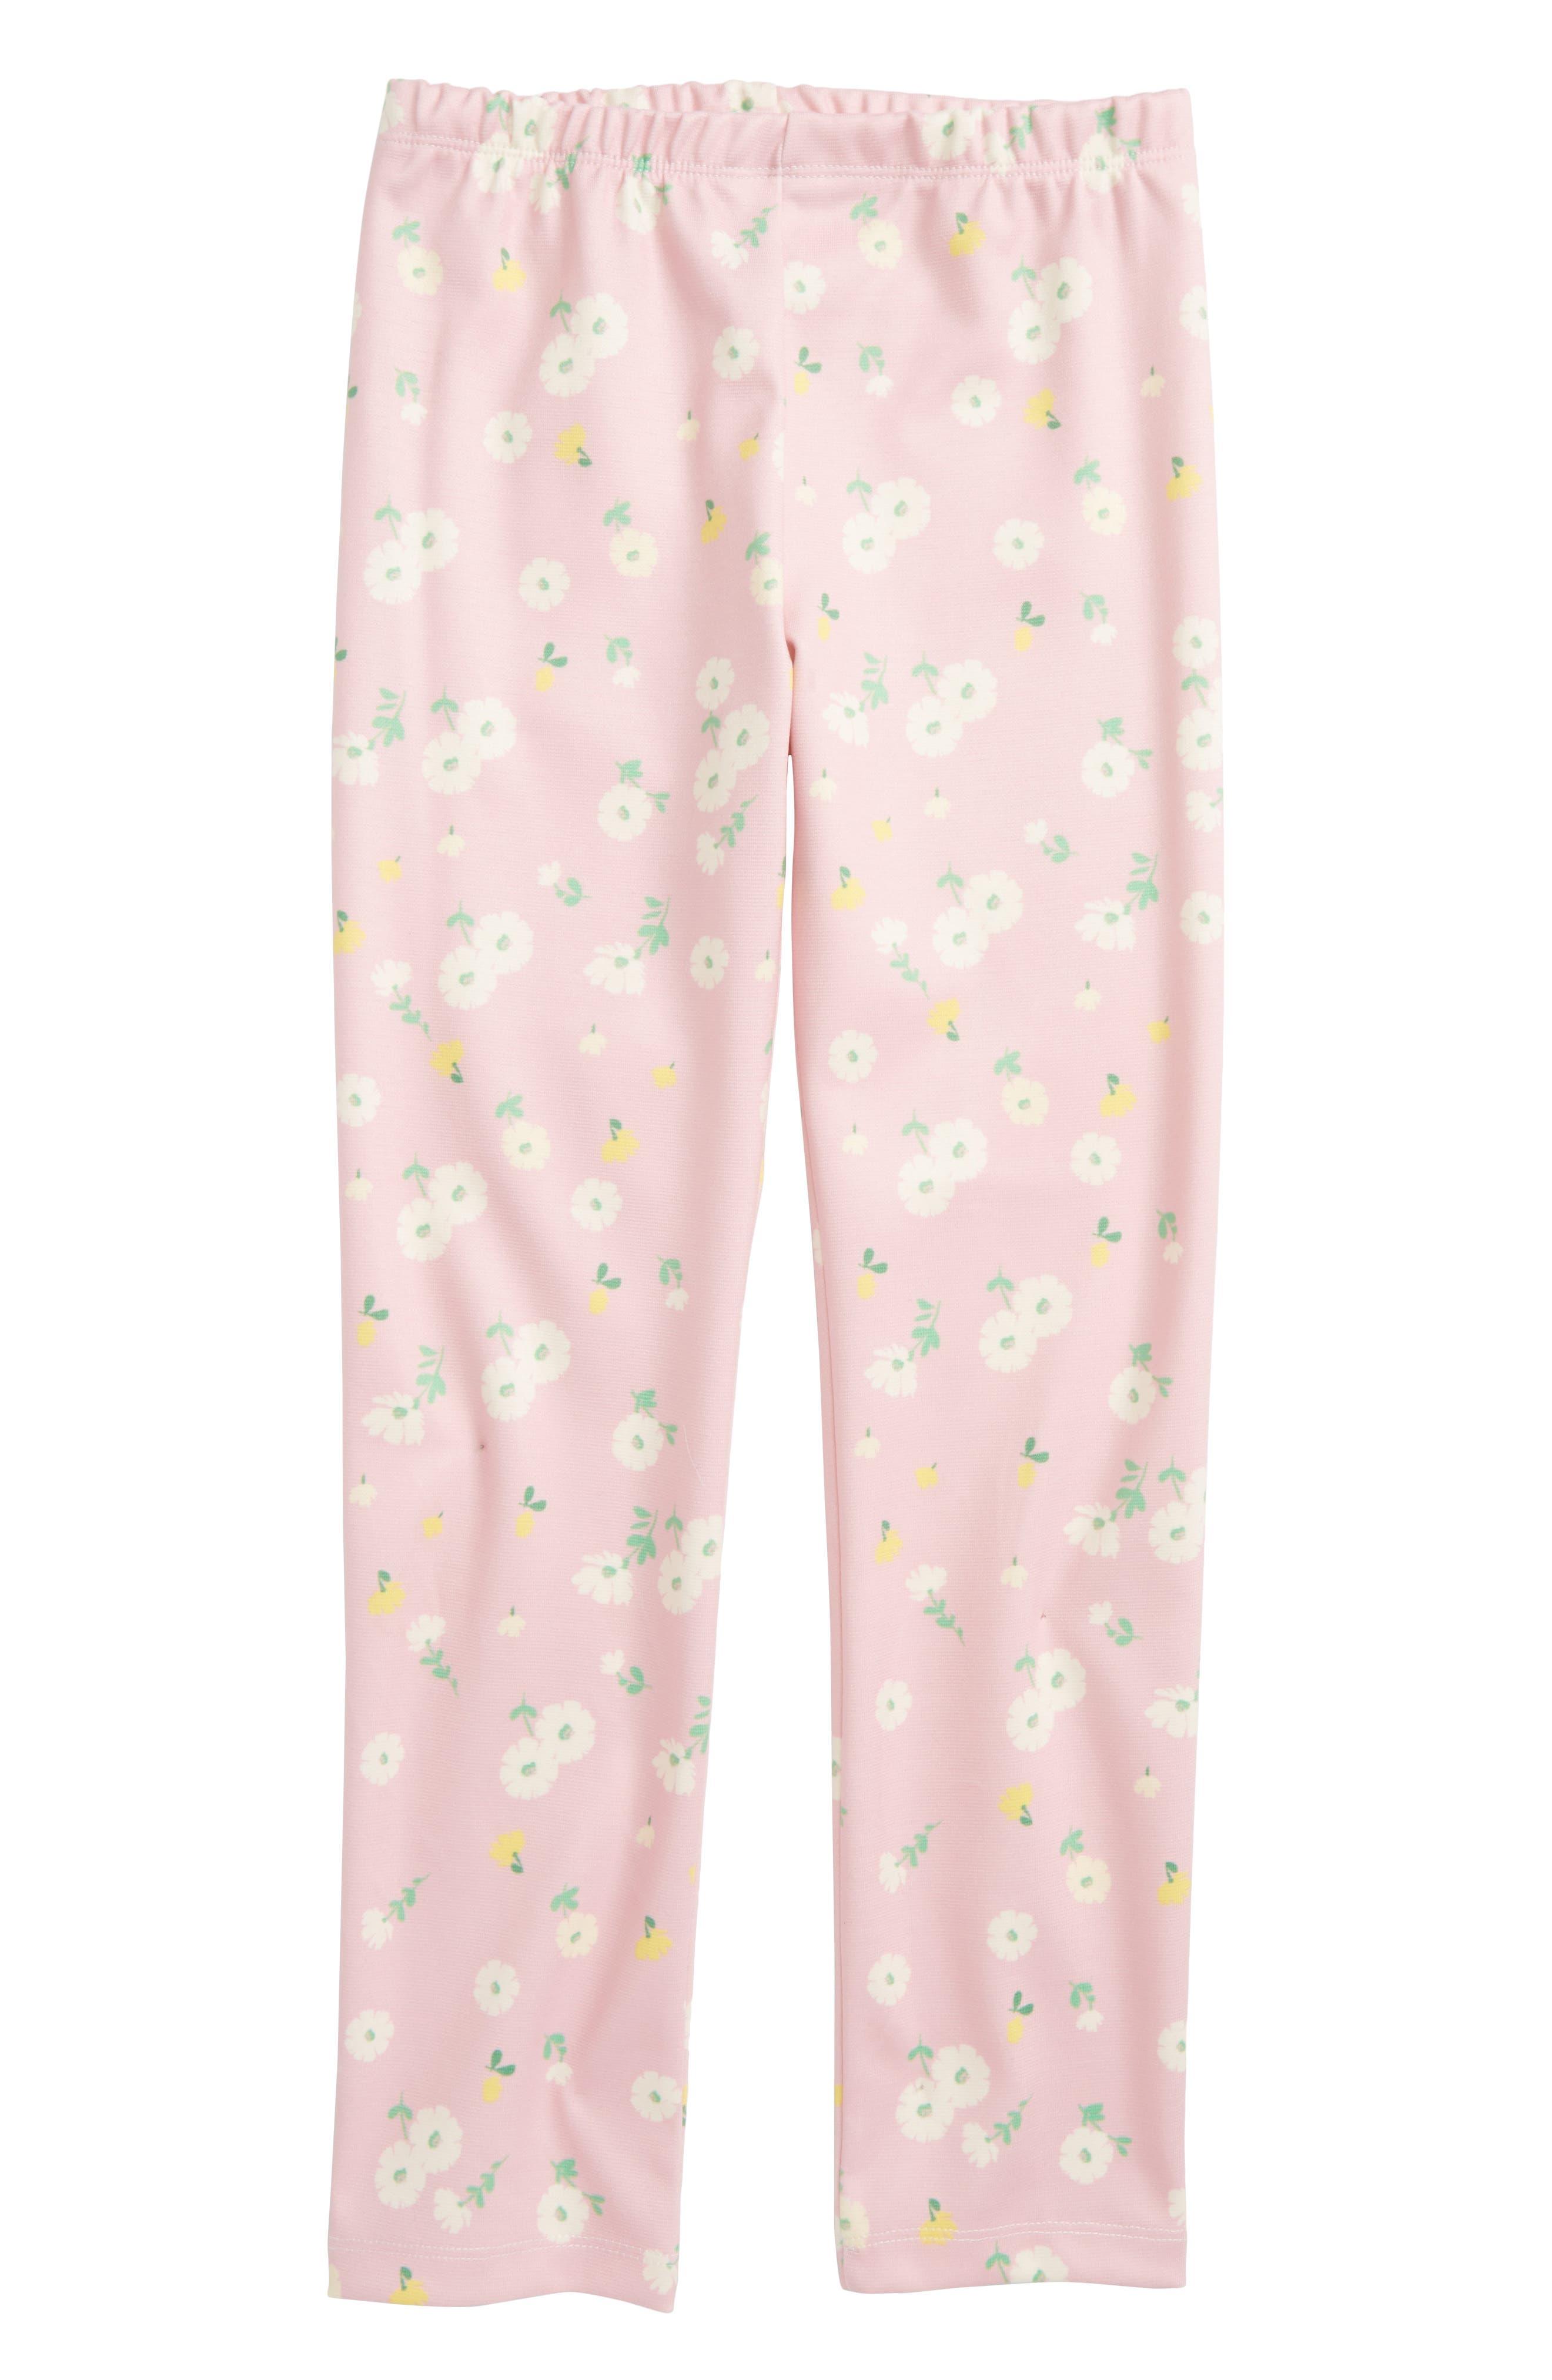 Floral Print Leggings,                         Main,                         color, Pink Multi